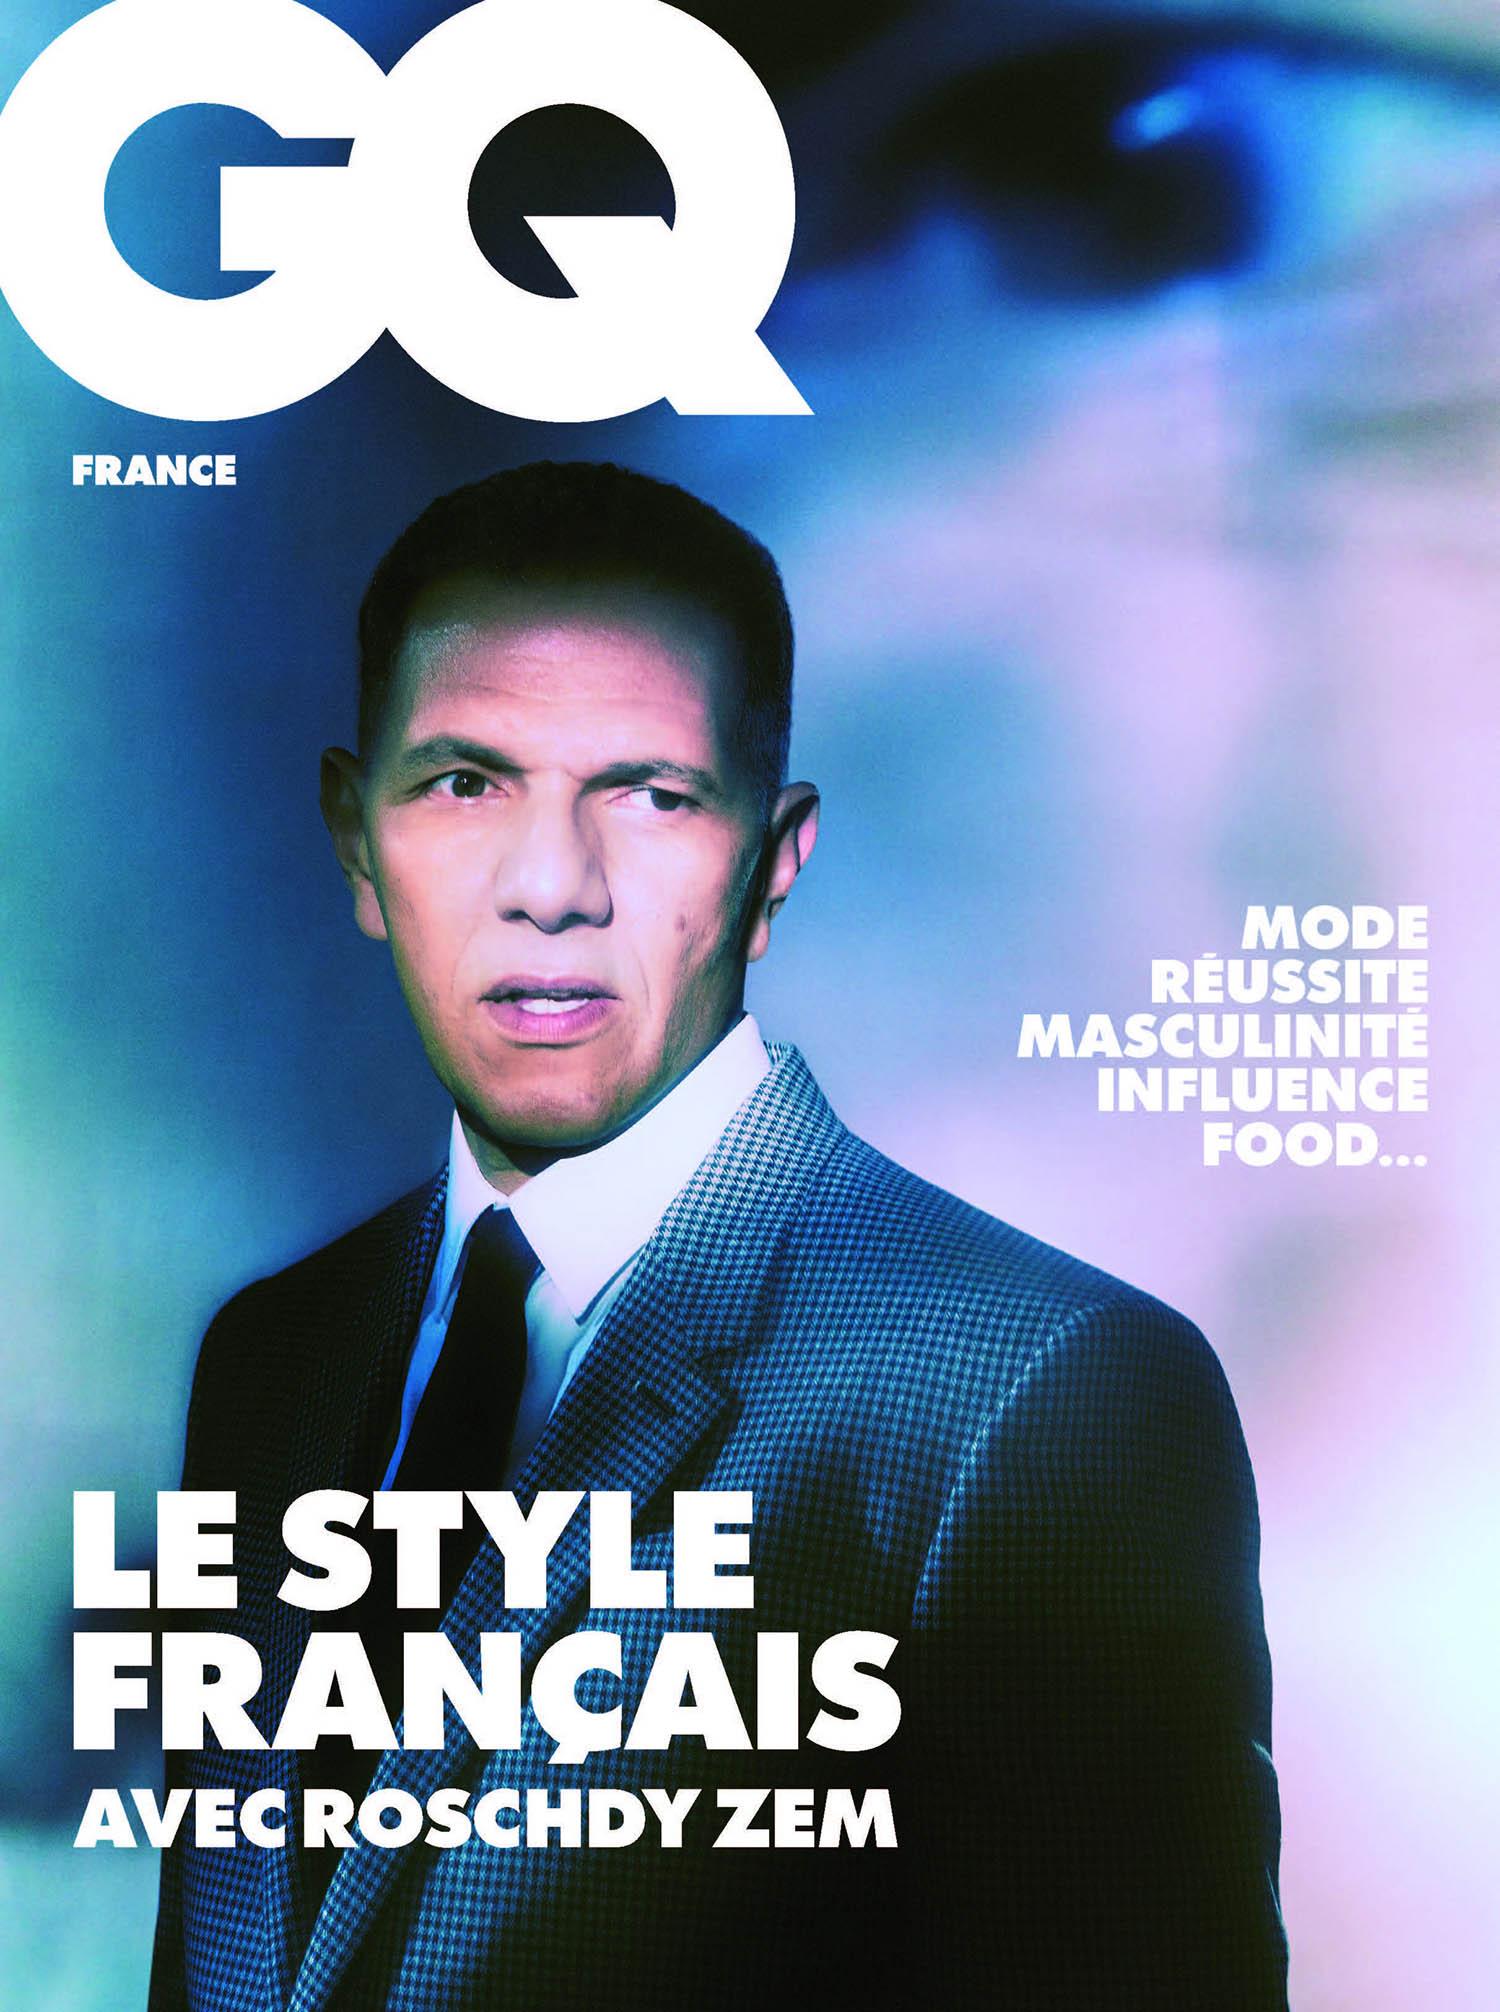 Simon Porte Jacquemus, Roschdy Zem and Ichon cover GQ France February 2021 by Elizaveta Porodina